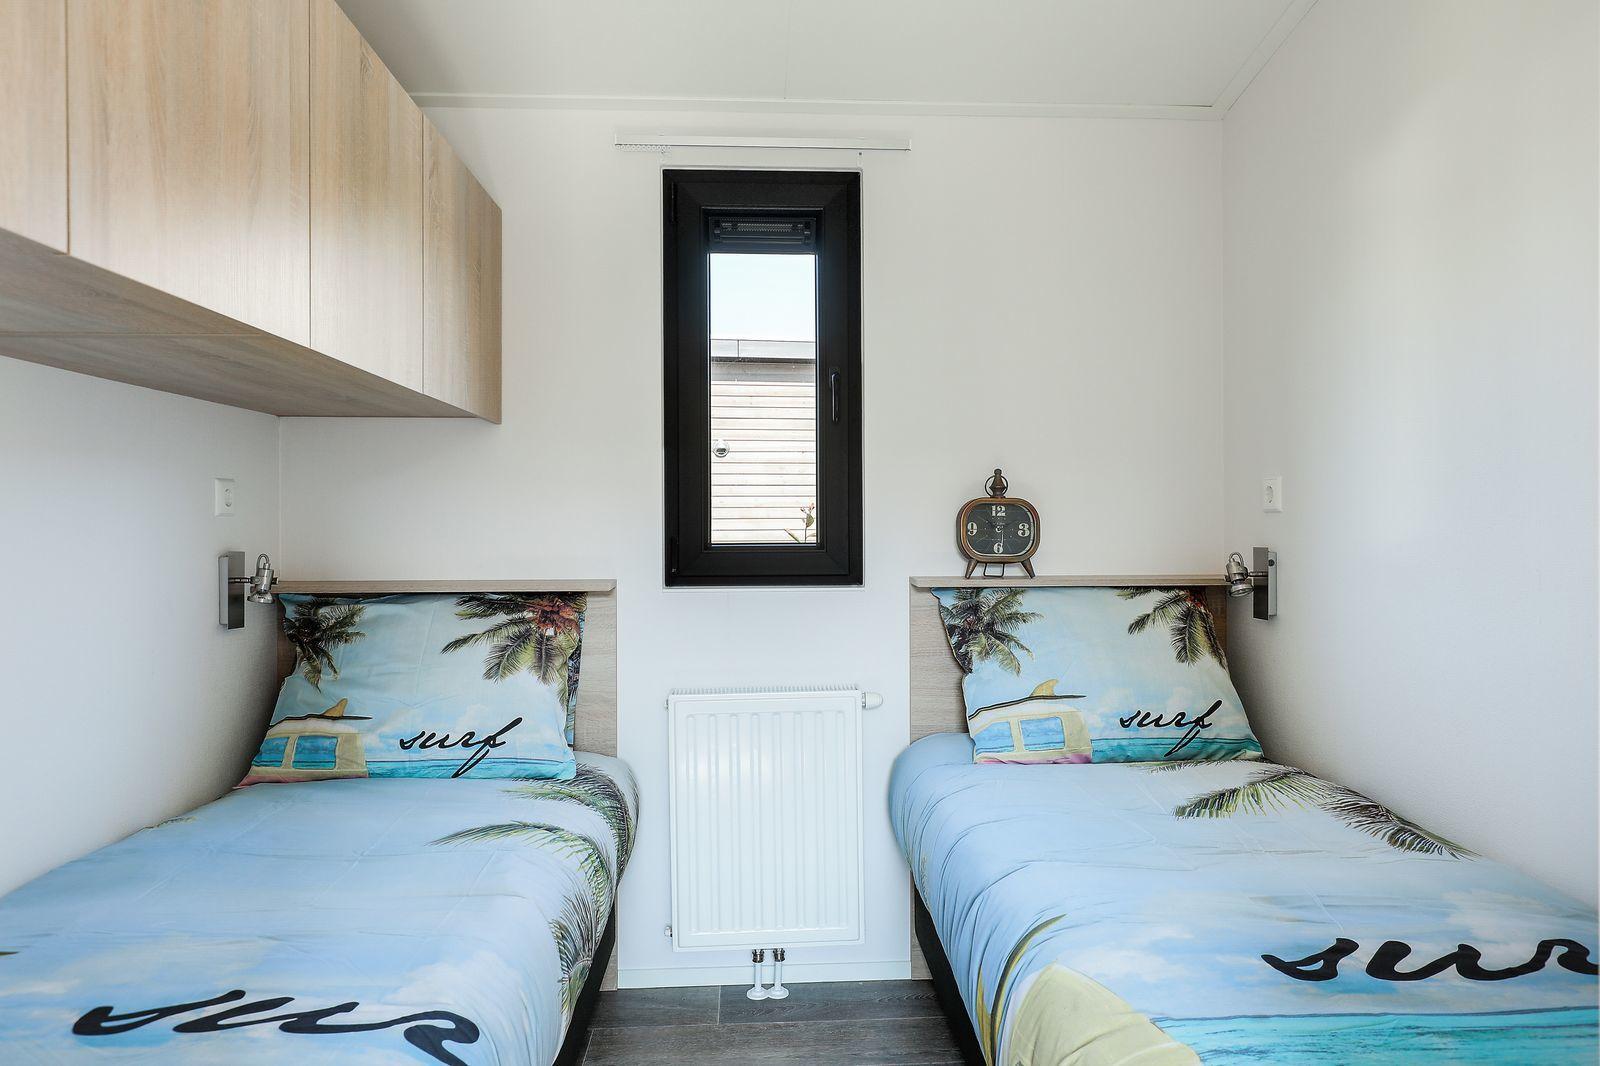 Lodge: 6 Personen, 3 Schlafzimmer